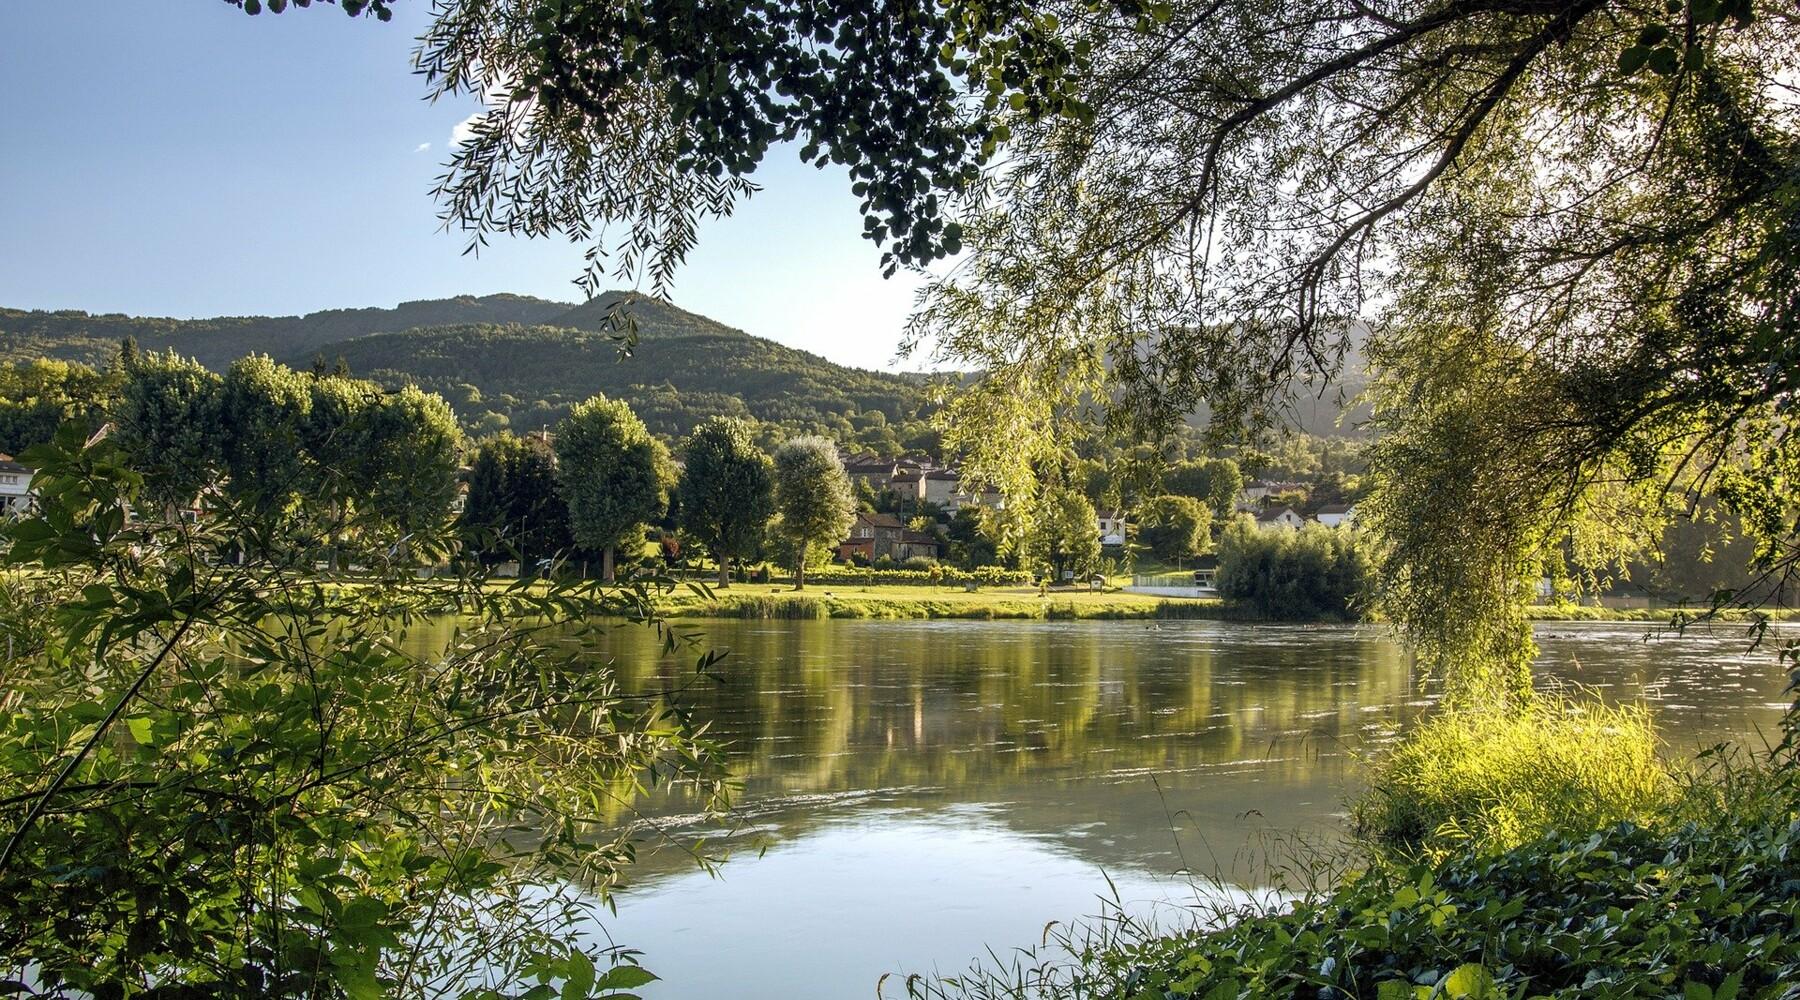 Vacances en France : nos merveilles naturelles et patrimoniales